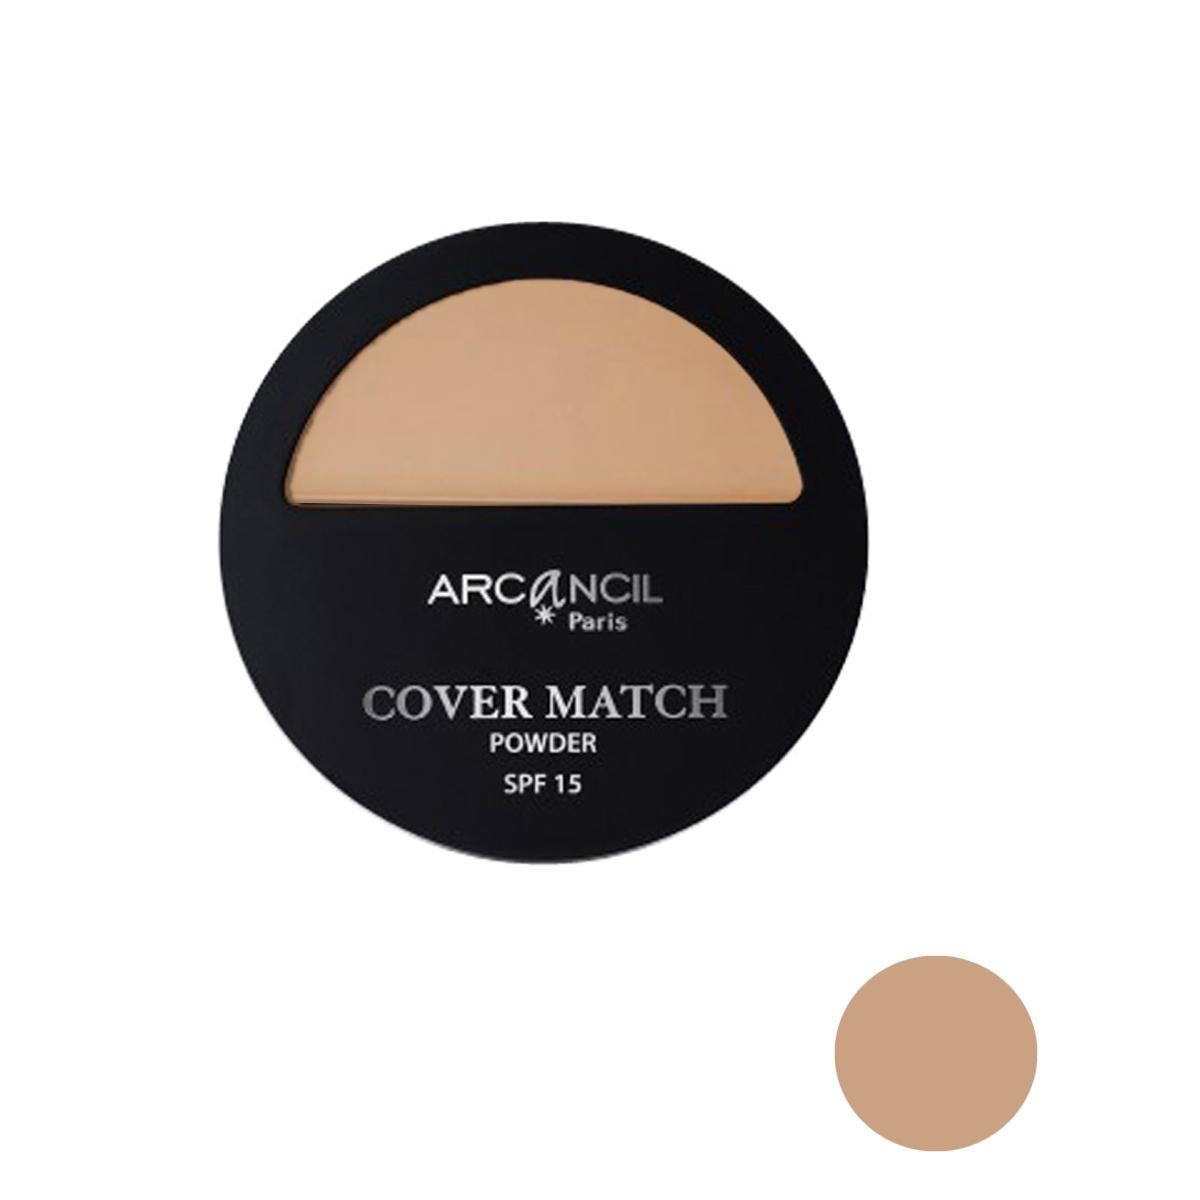 قیمت پنکیک آرکانسیل مدل cover match شماره 540